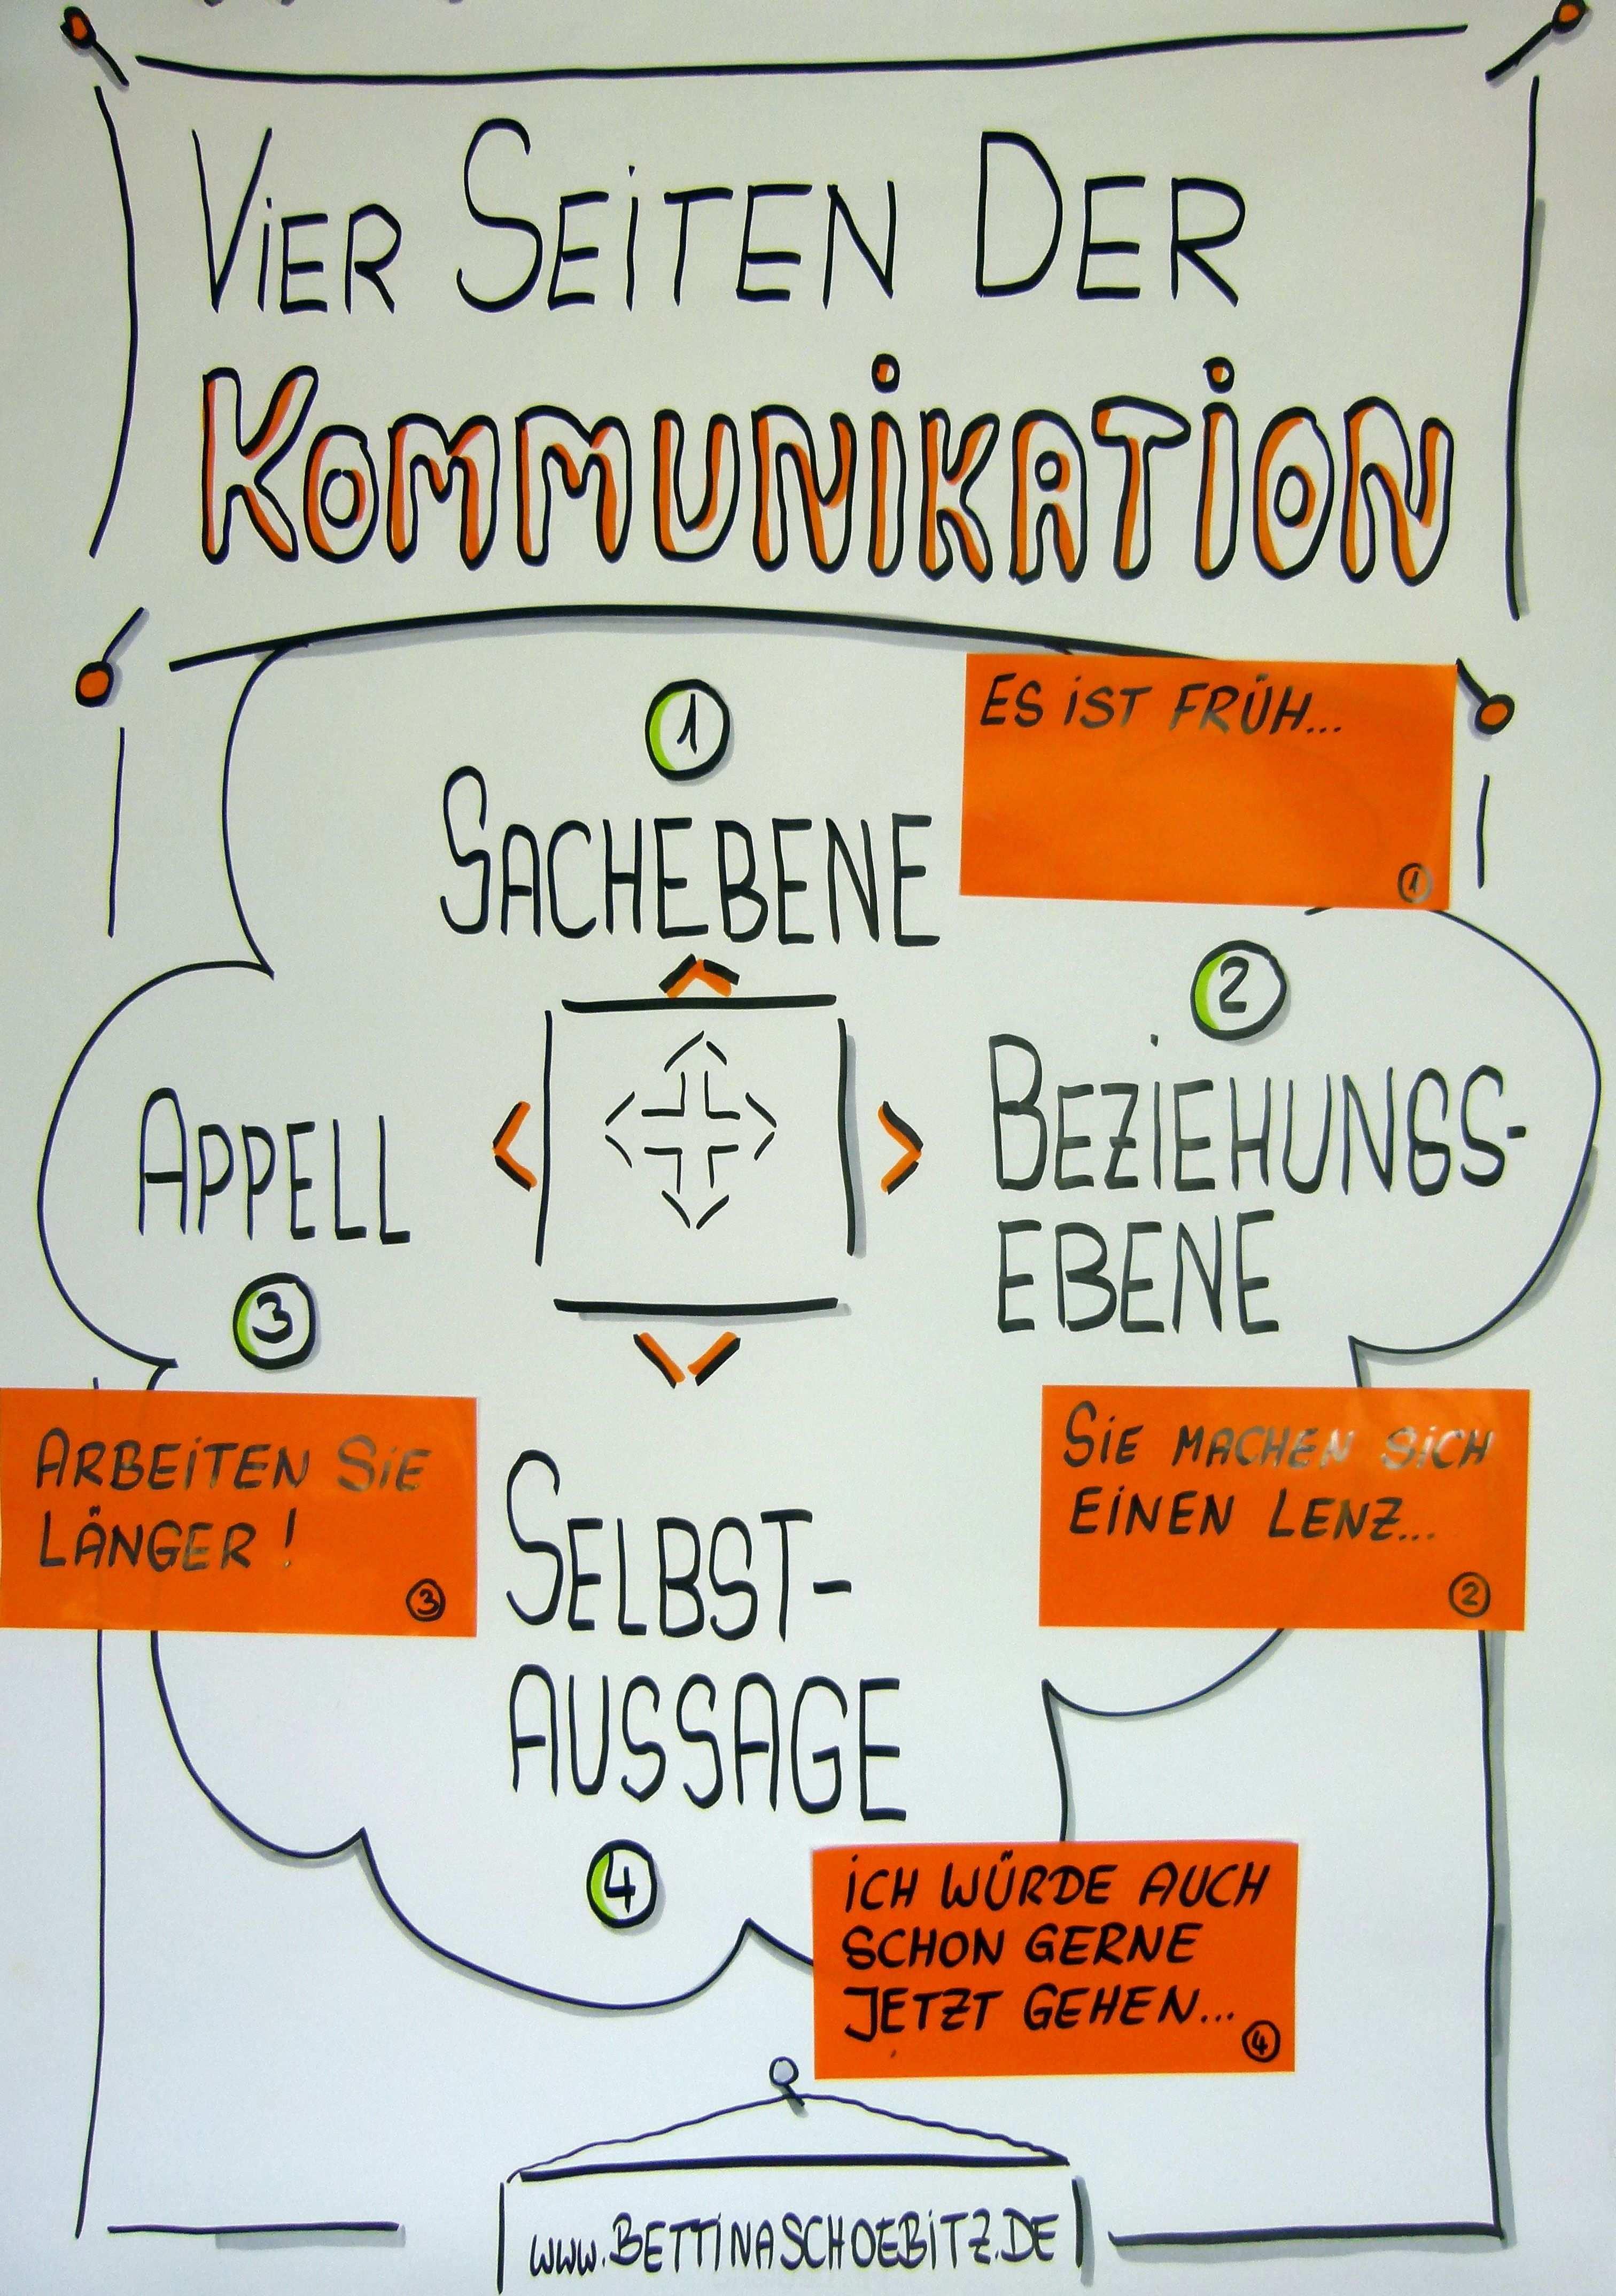 Interaktives Flipchart Bei Dem Die Text Beispiele Zu Den Vier Kommunikationsebenen Einfach Nachtraglich Kommunikation Lernen Kommunikation Flipchart Gestalten